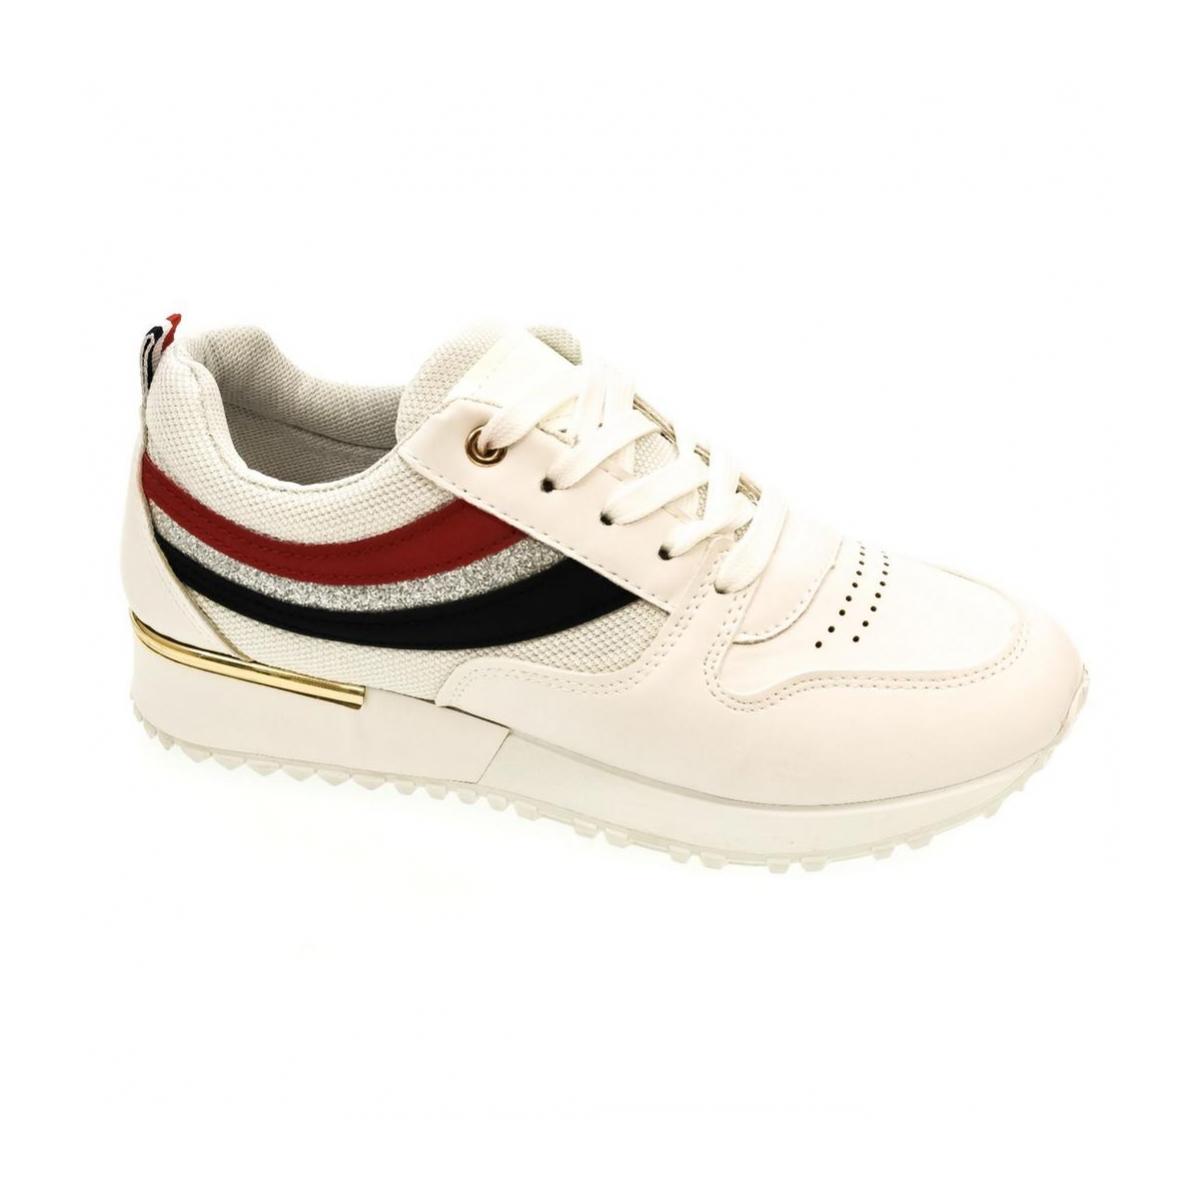 9ad142f98079 Dámske biele tenisky DARLA - 4